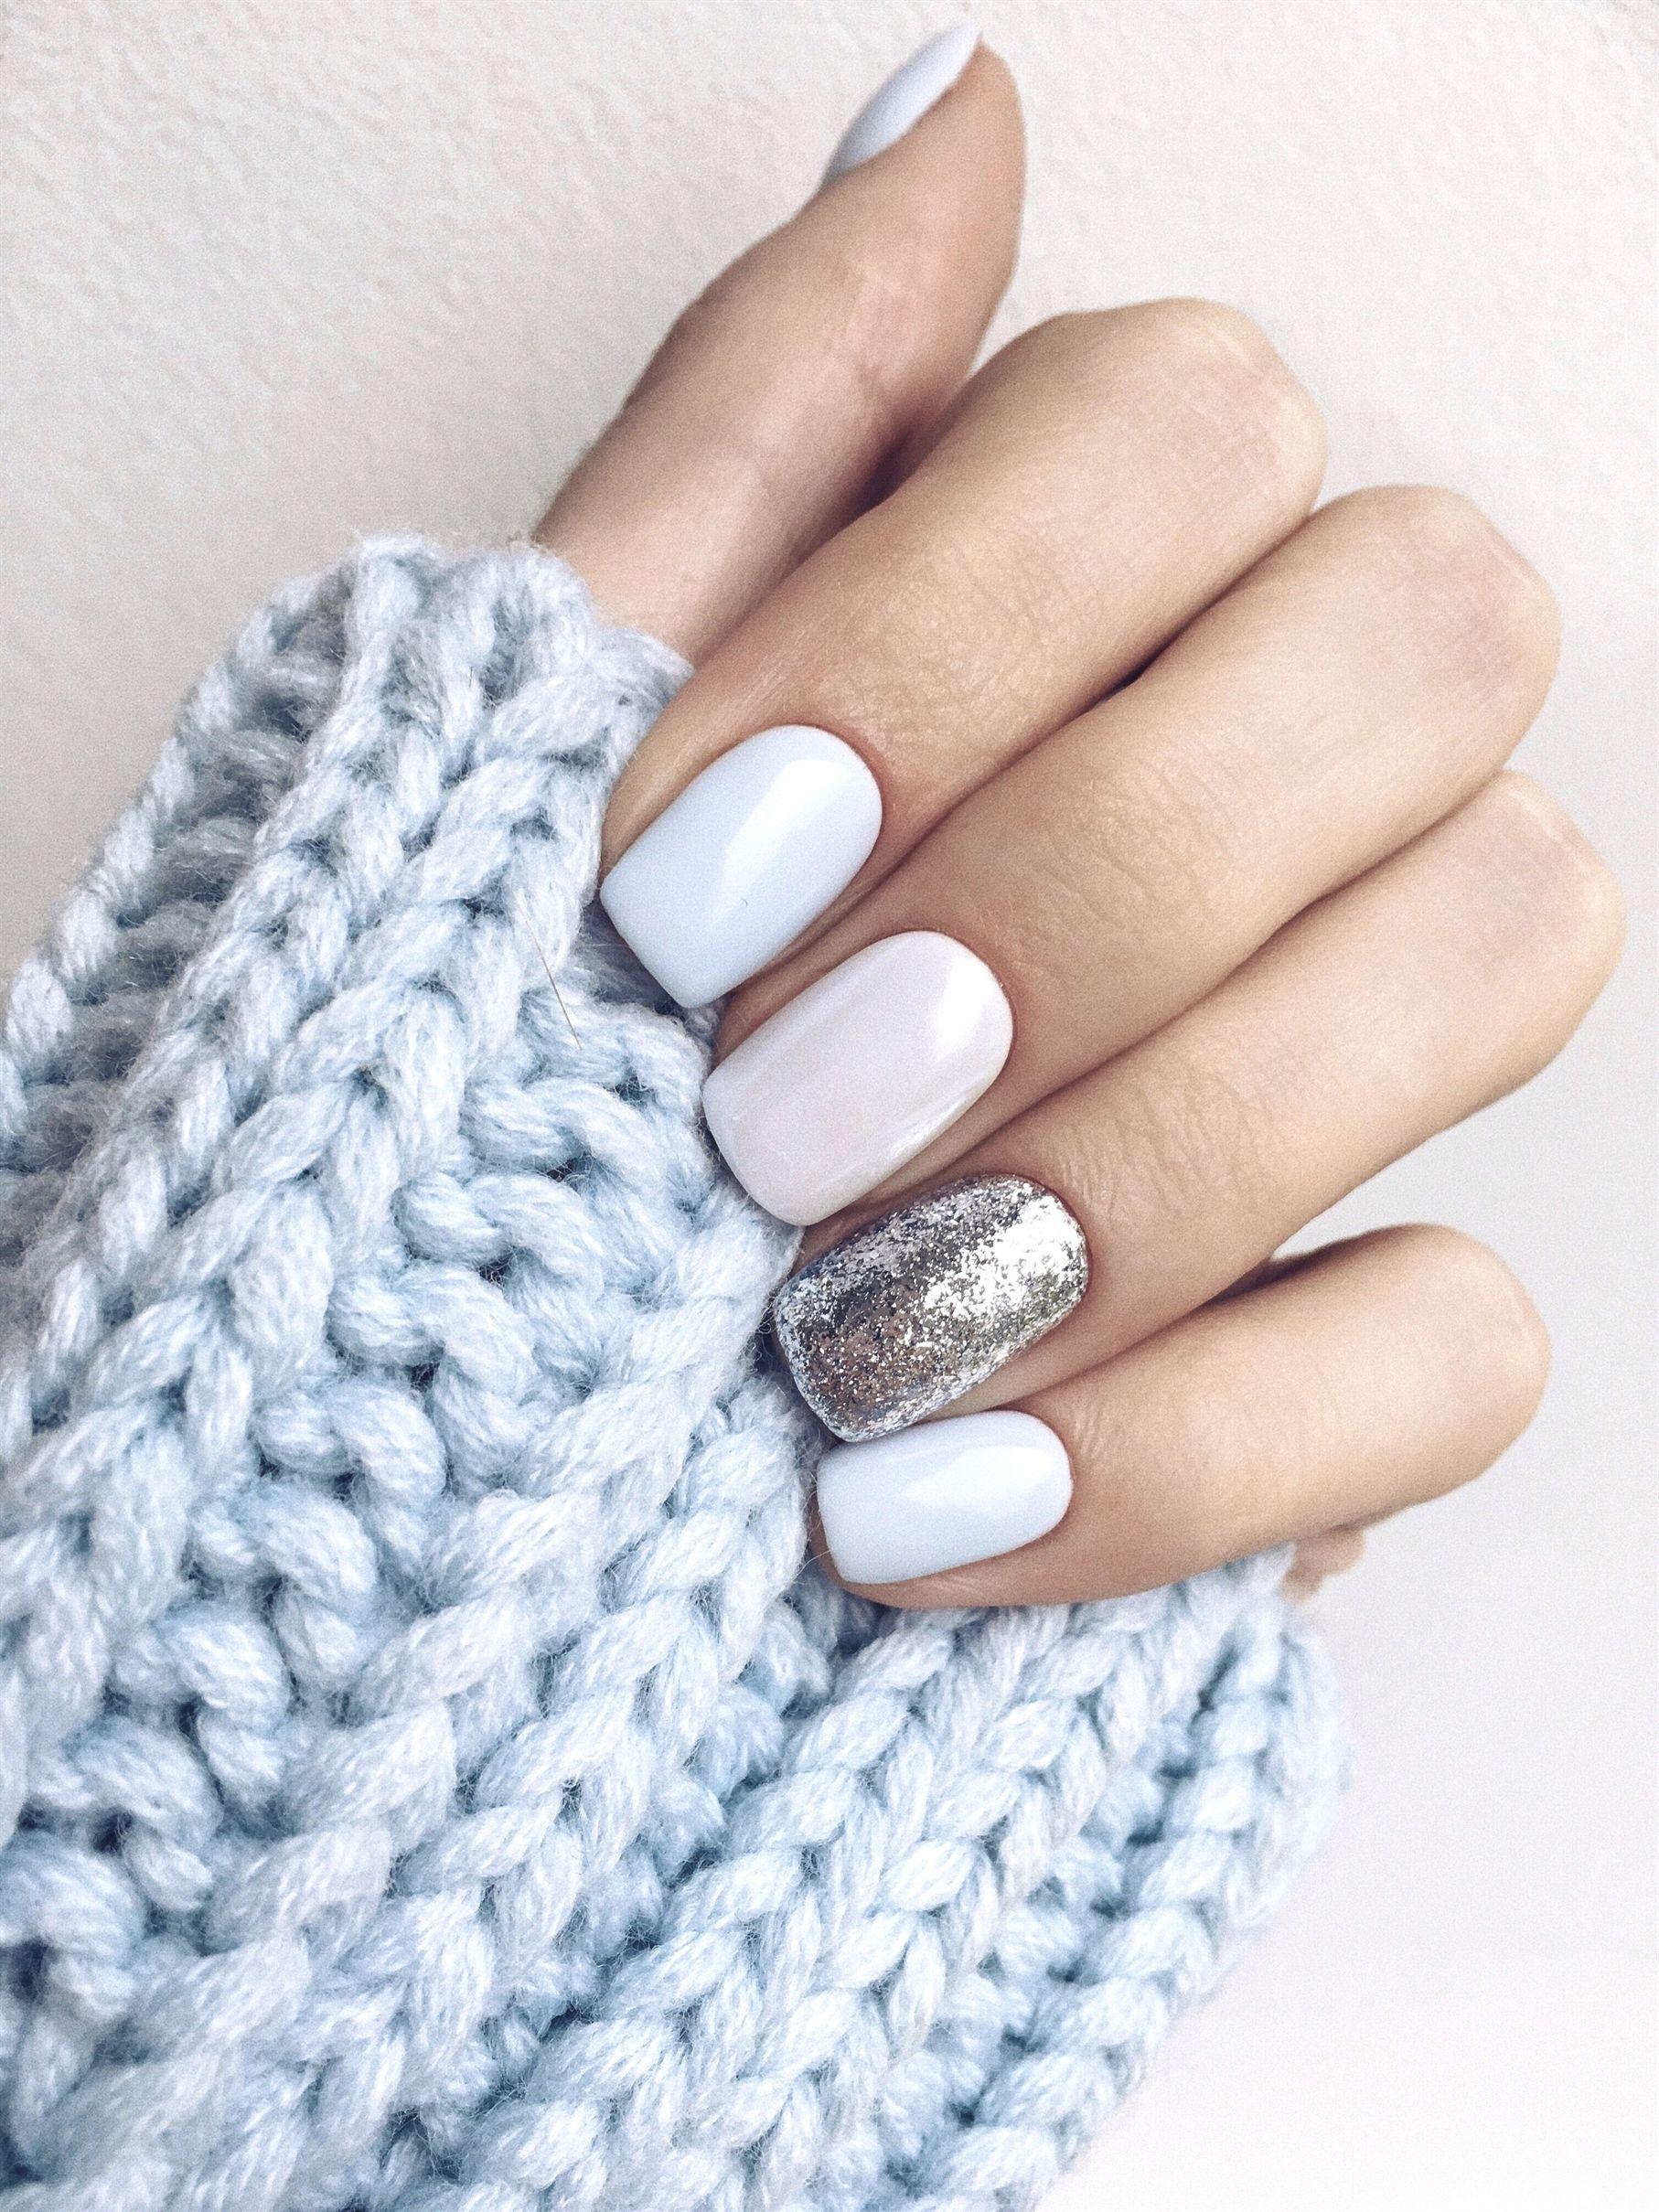 Winter Nails Winternails Elegant Nail Art Shellac Nails At